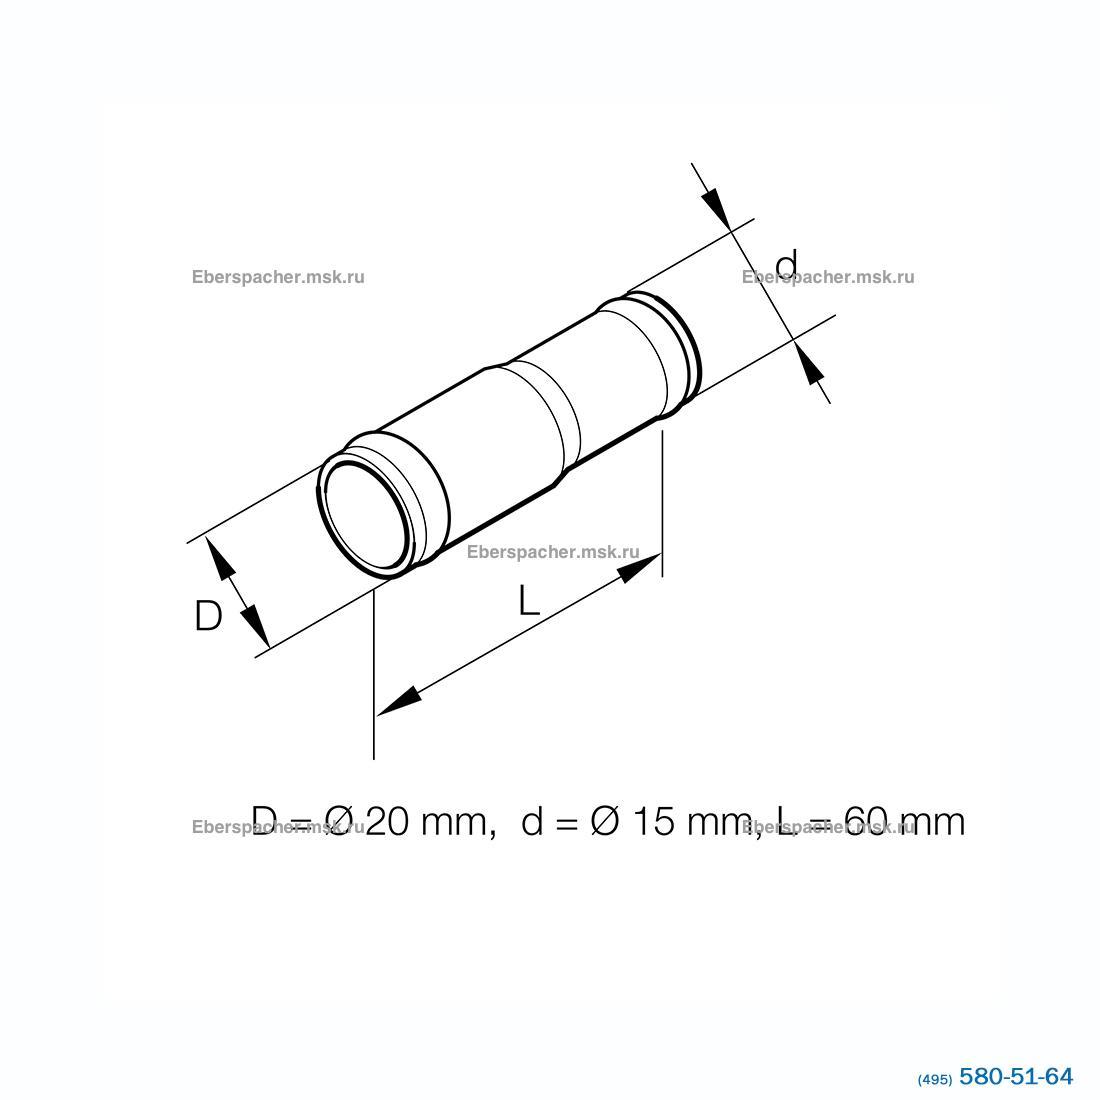 Патрубок переходной для шлангов, D 20/15мм L 60 мм  | Артикул: 221000100105